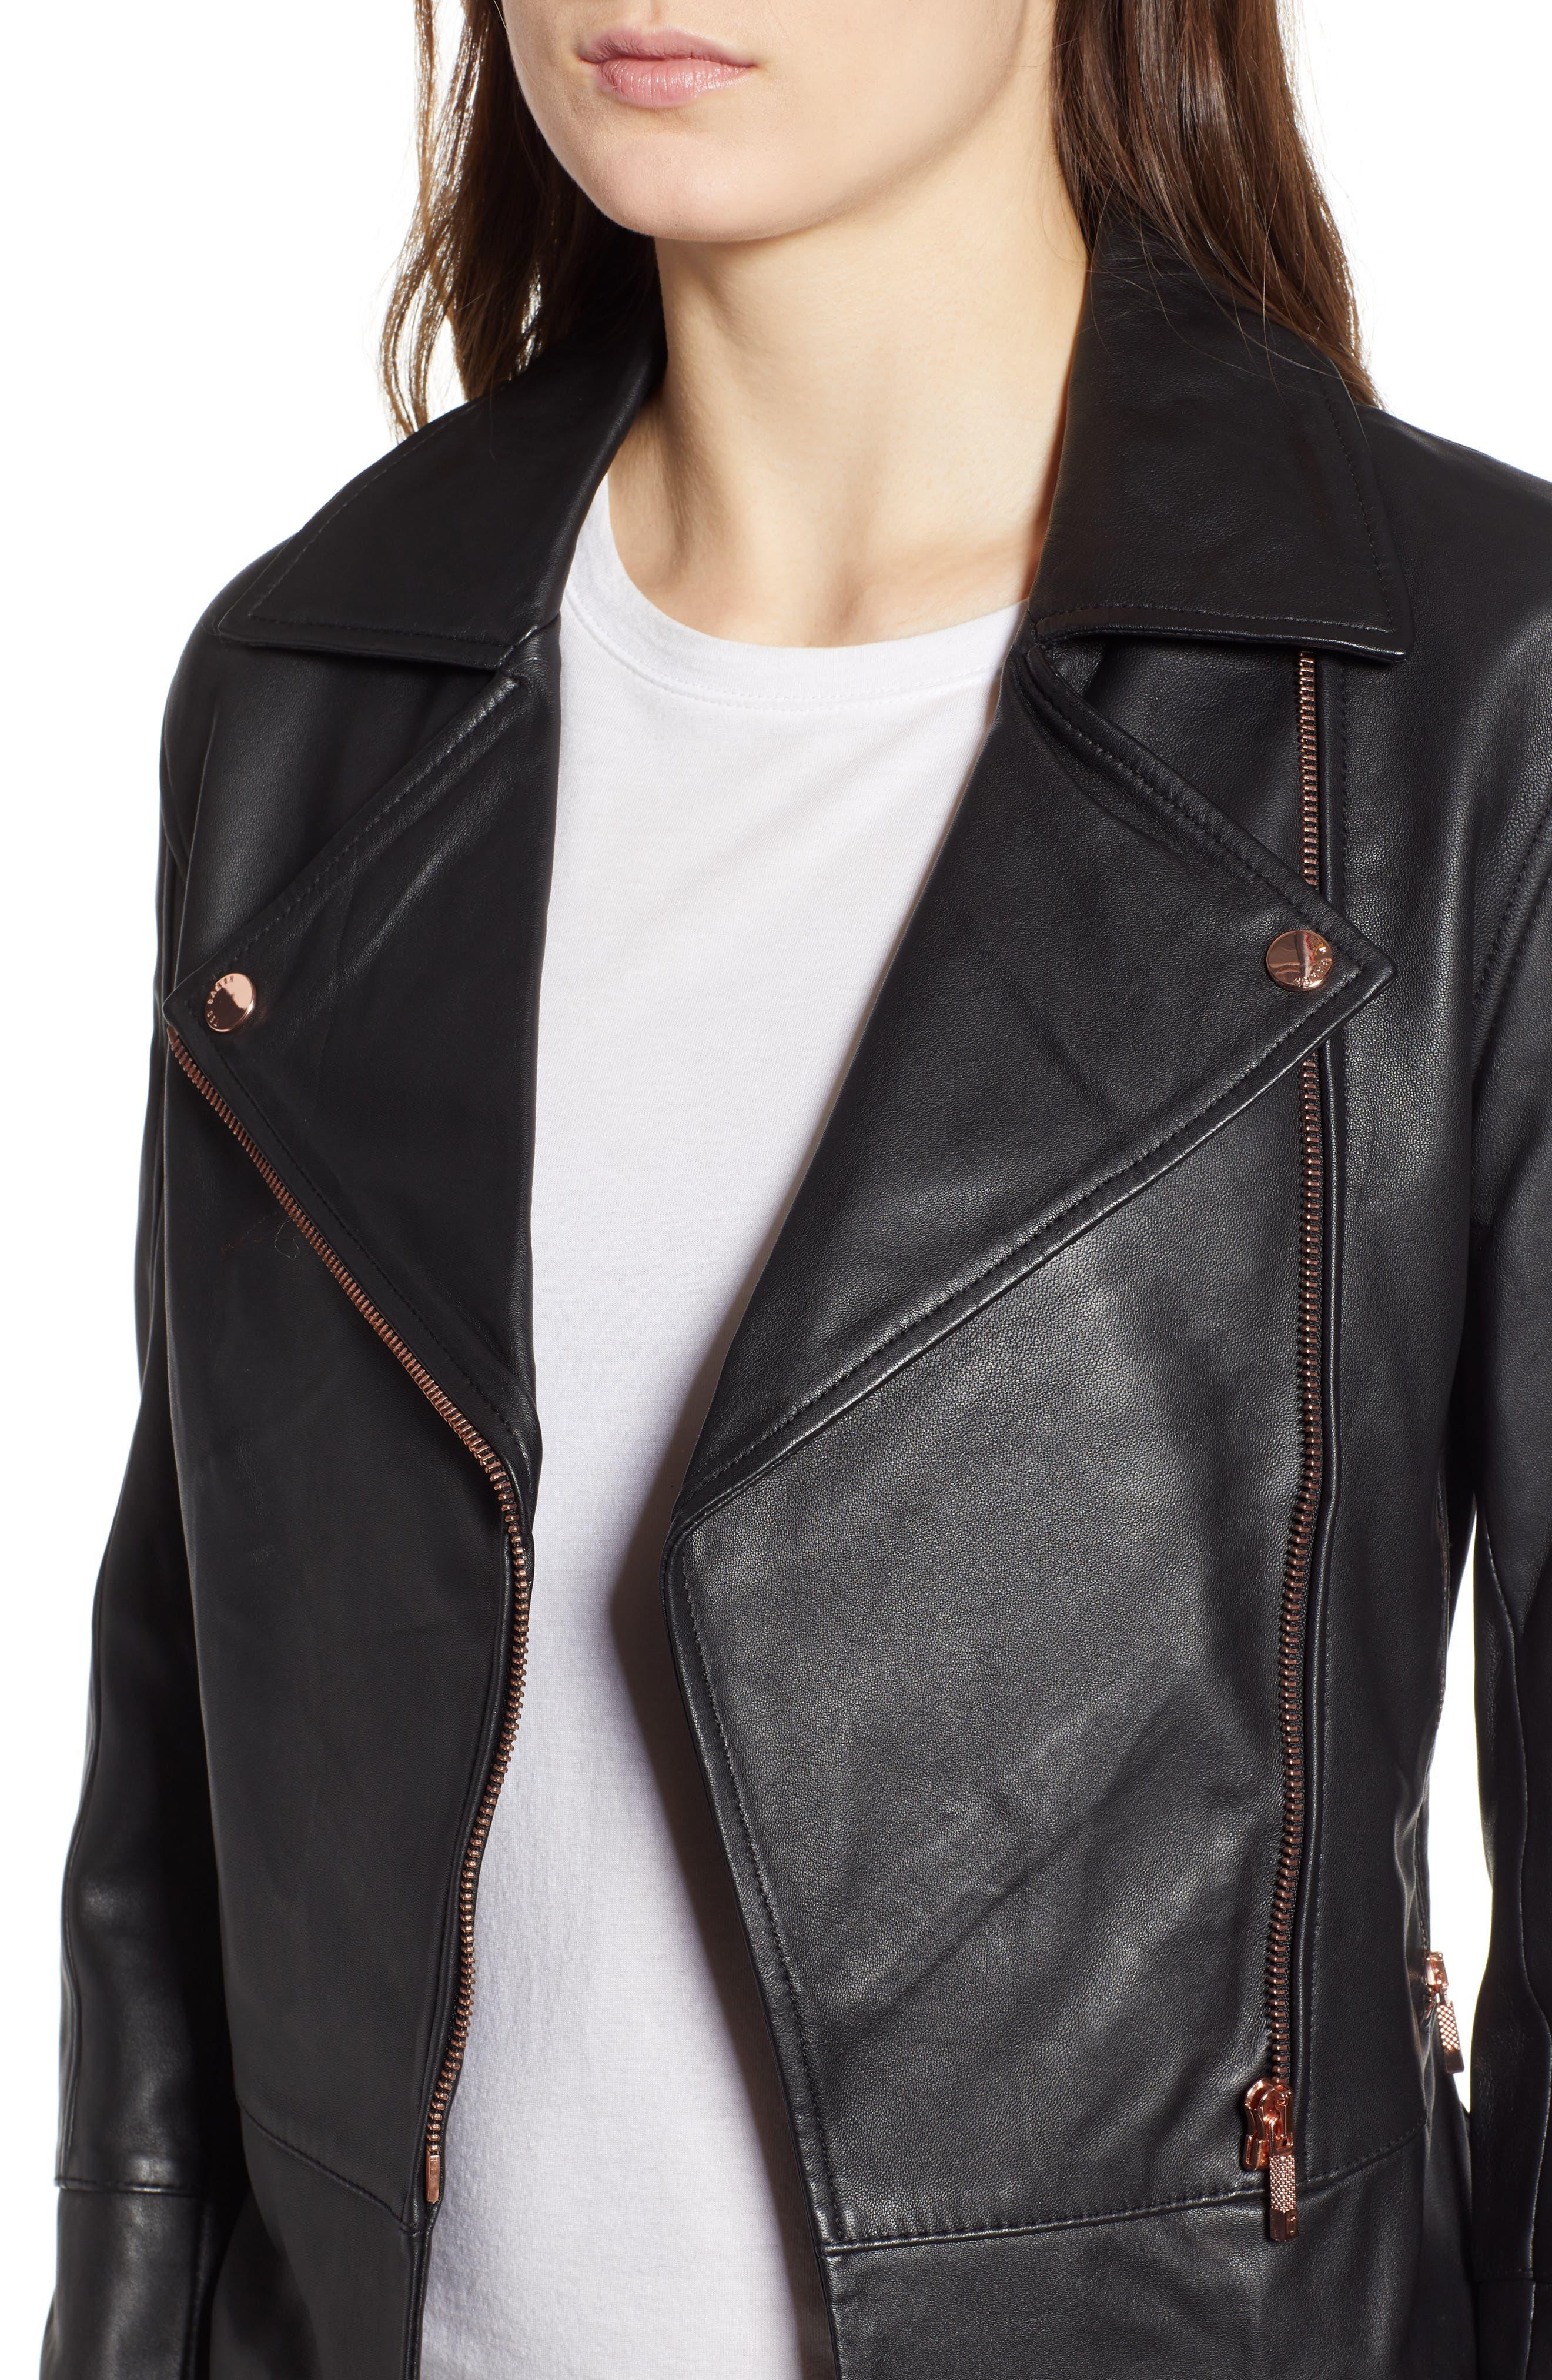 Lizia Minimal Biker Jacket,                             Alternate thumbnail 4, color,                             BLACK